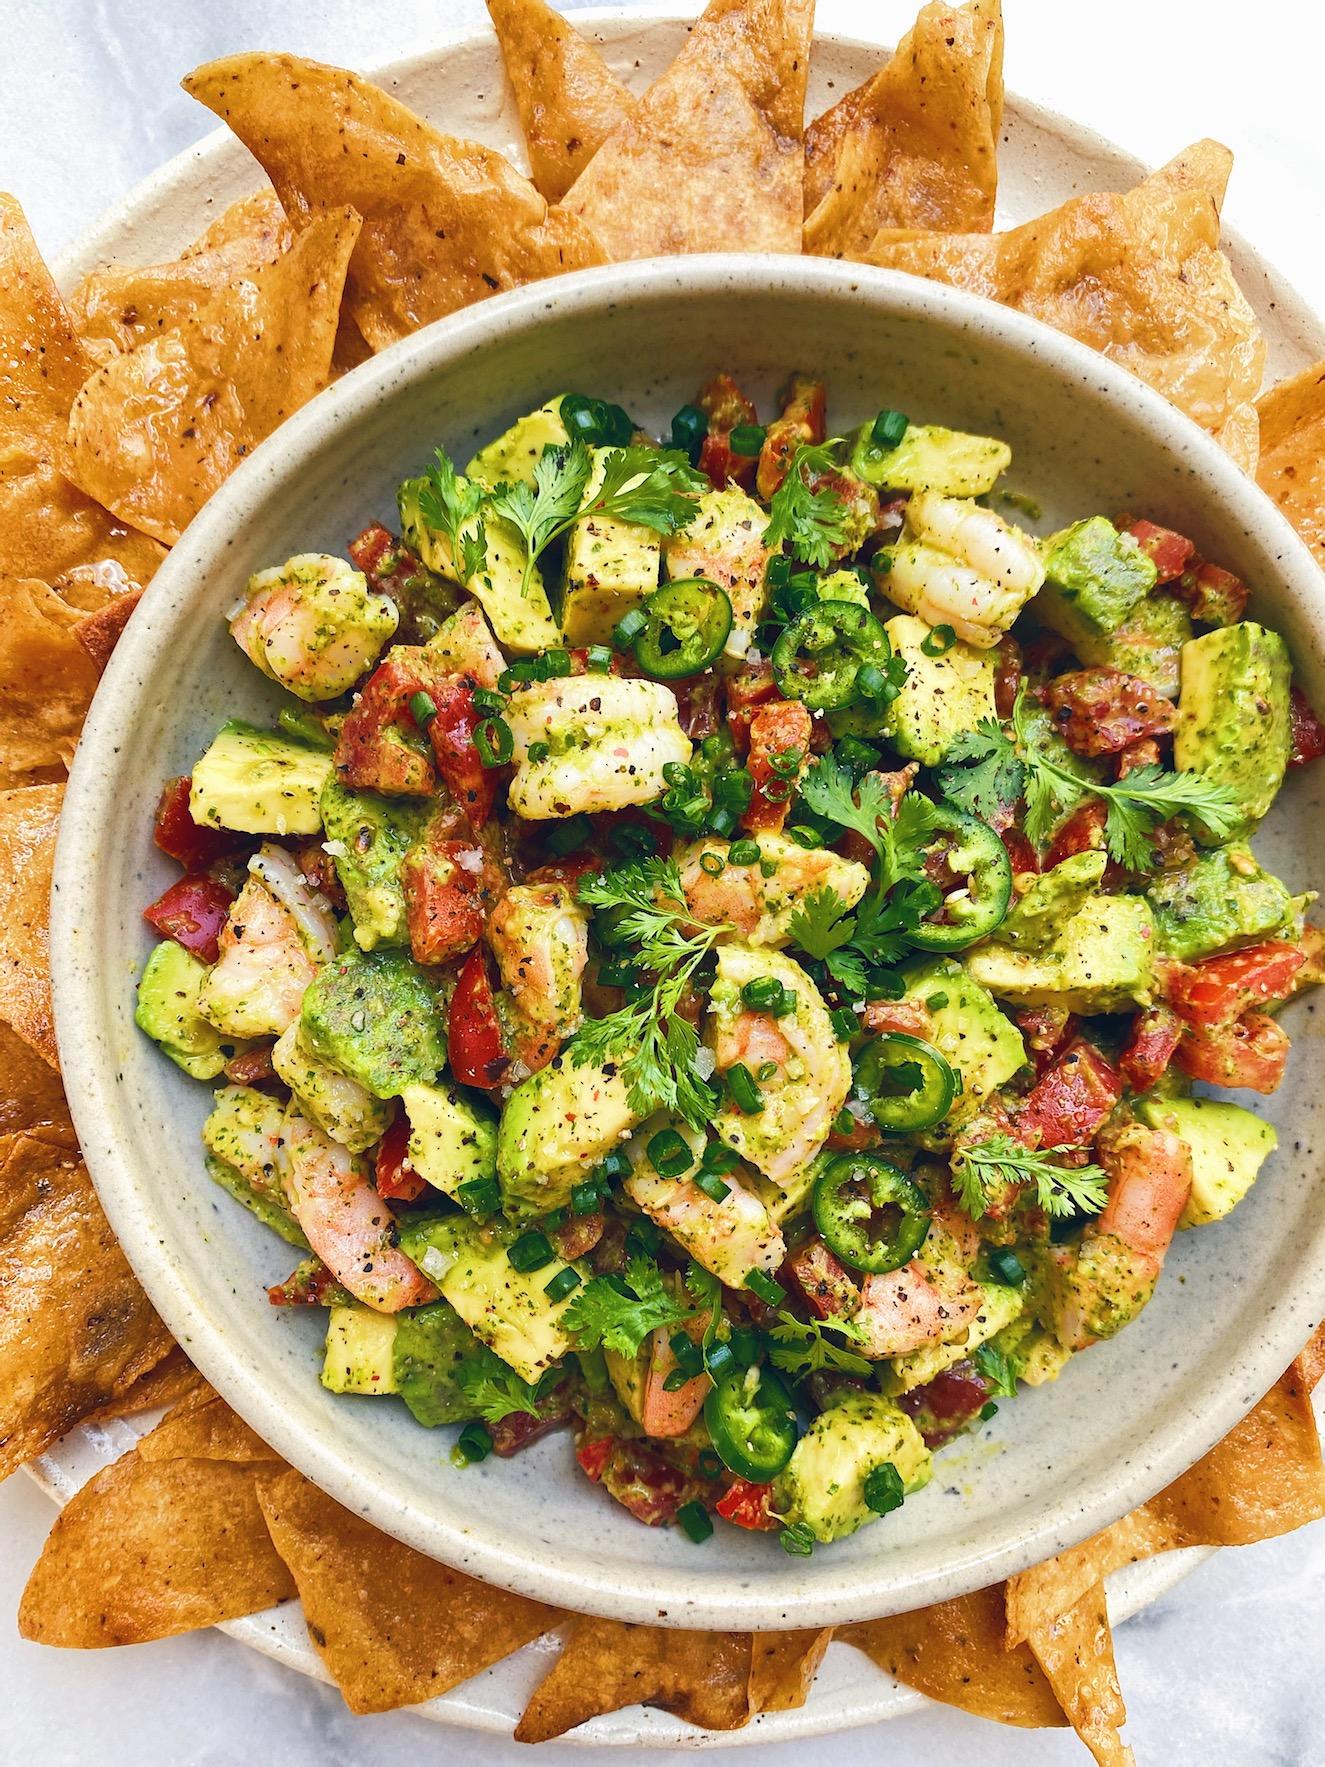 shrimp-avocado-tomato-salad-cilantro-lime-dressing